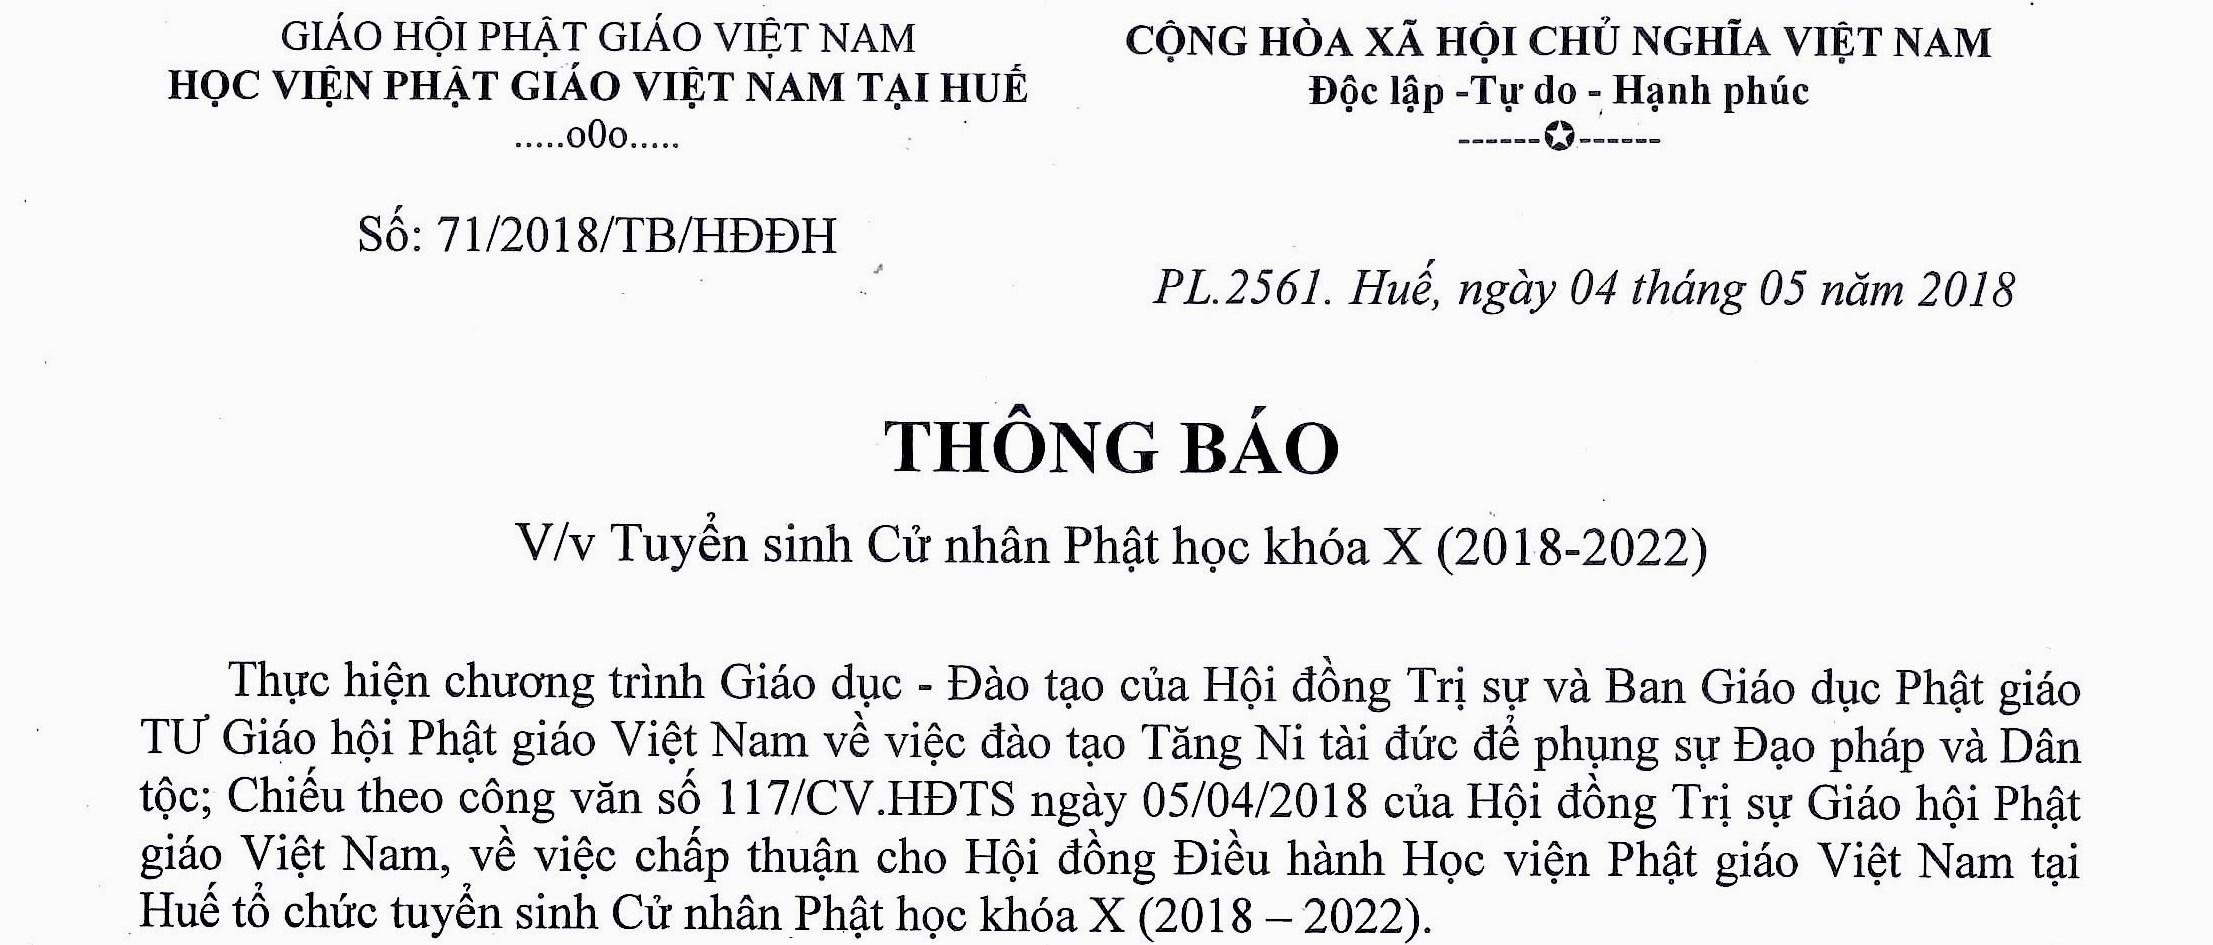 Học viện PGVN tại Huế thông báo tuyển sinh Cử nhân Phật học khóa X